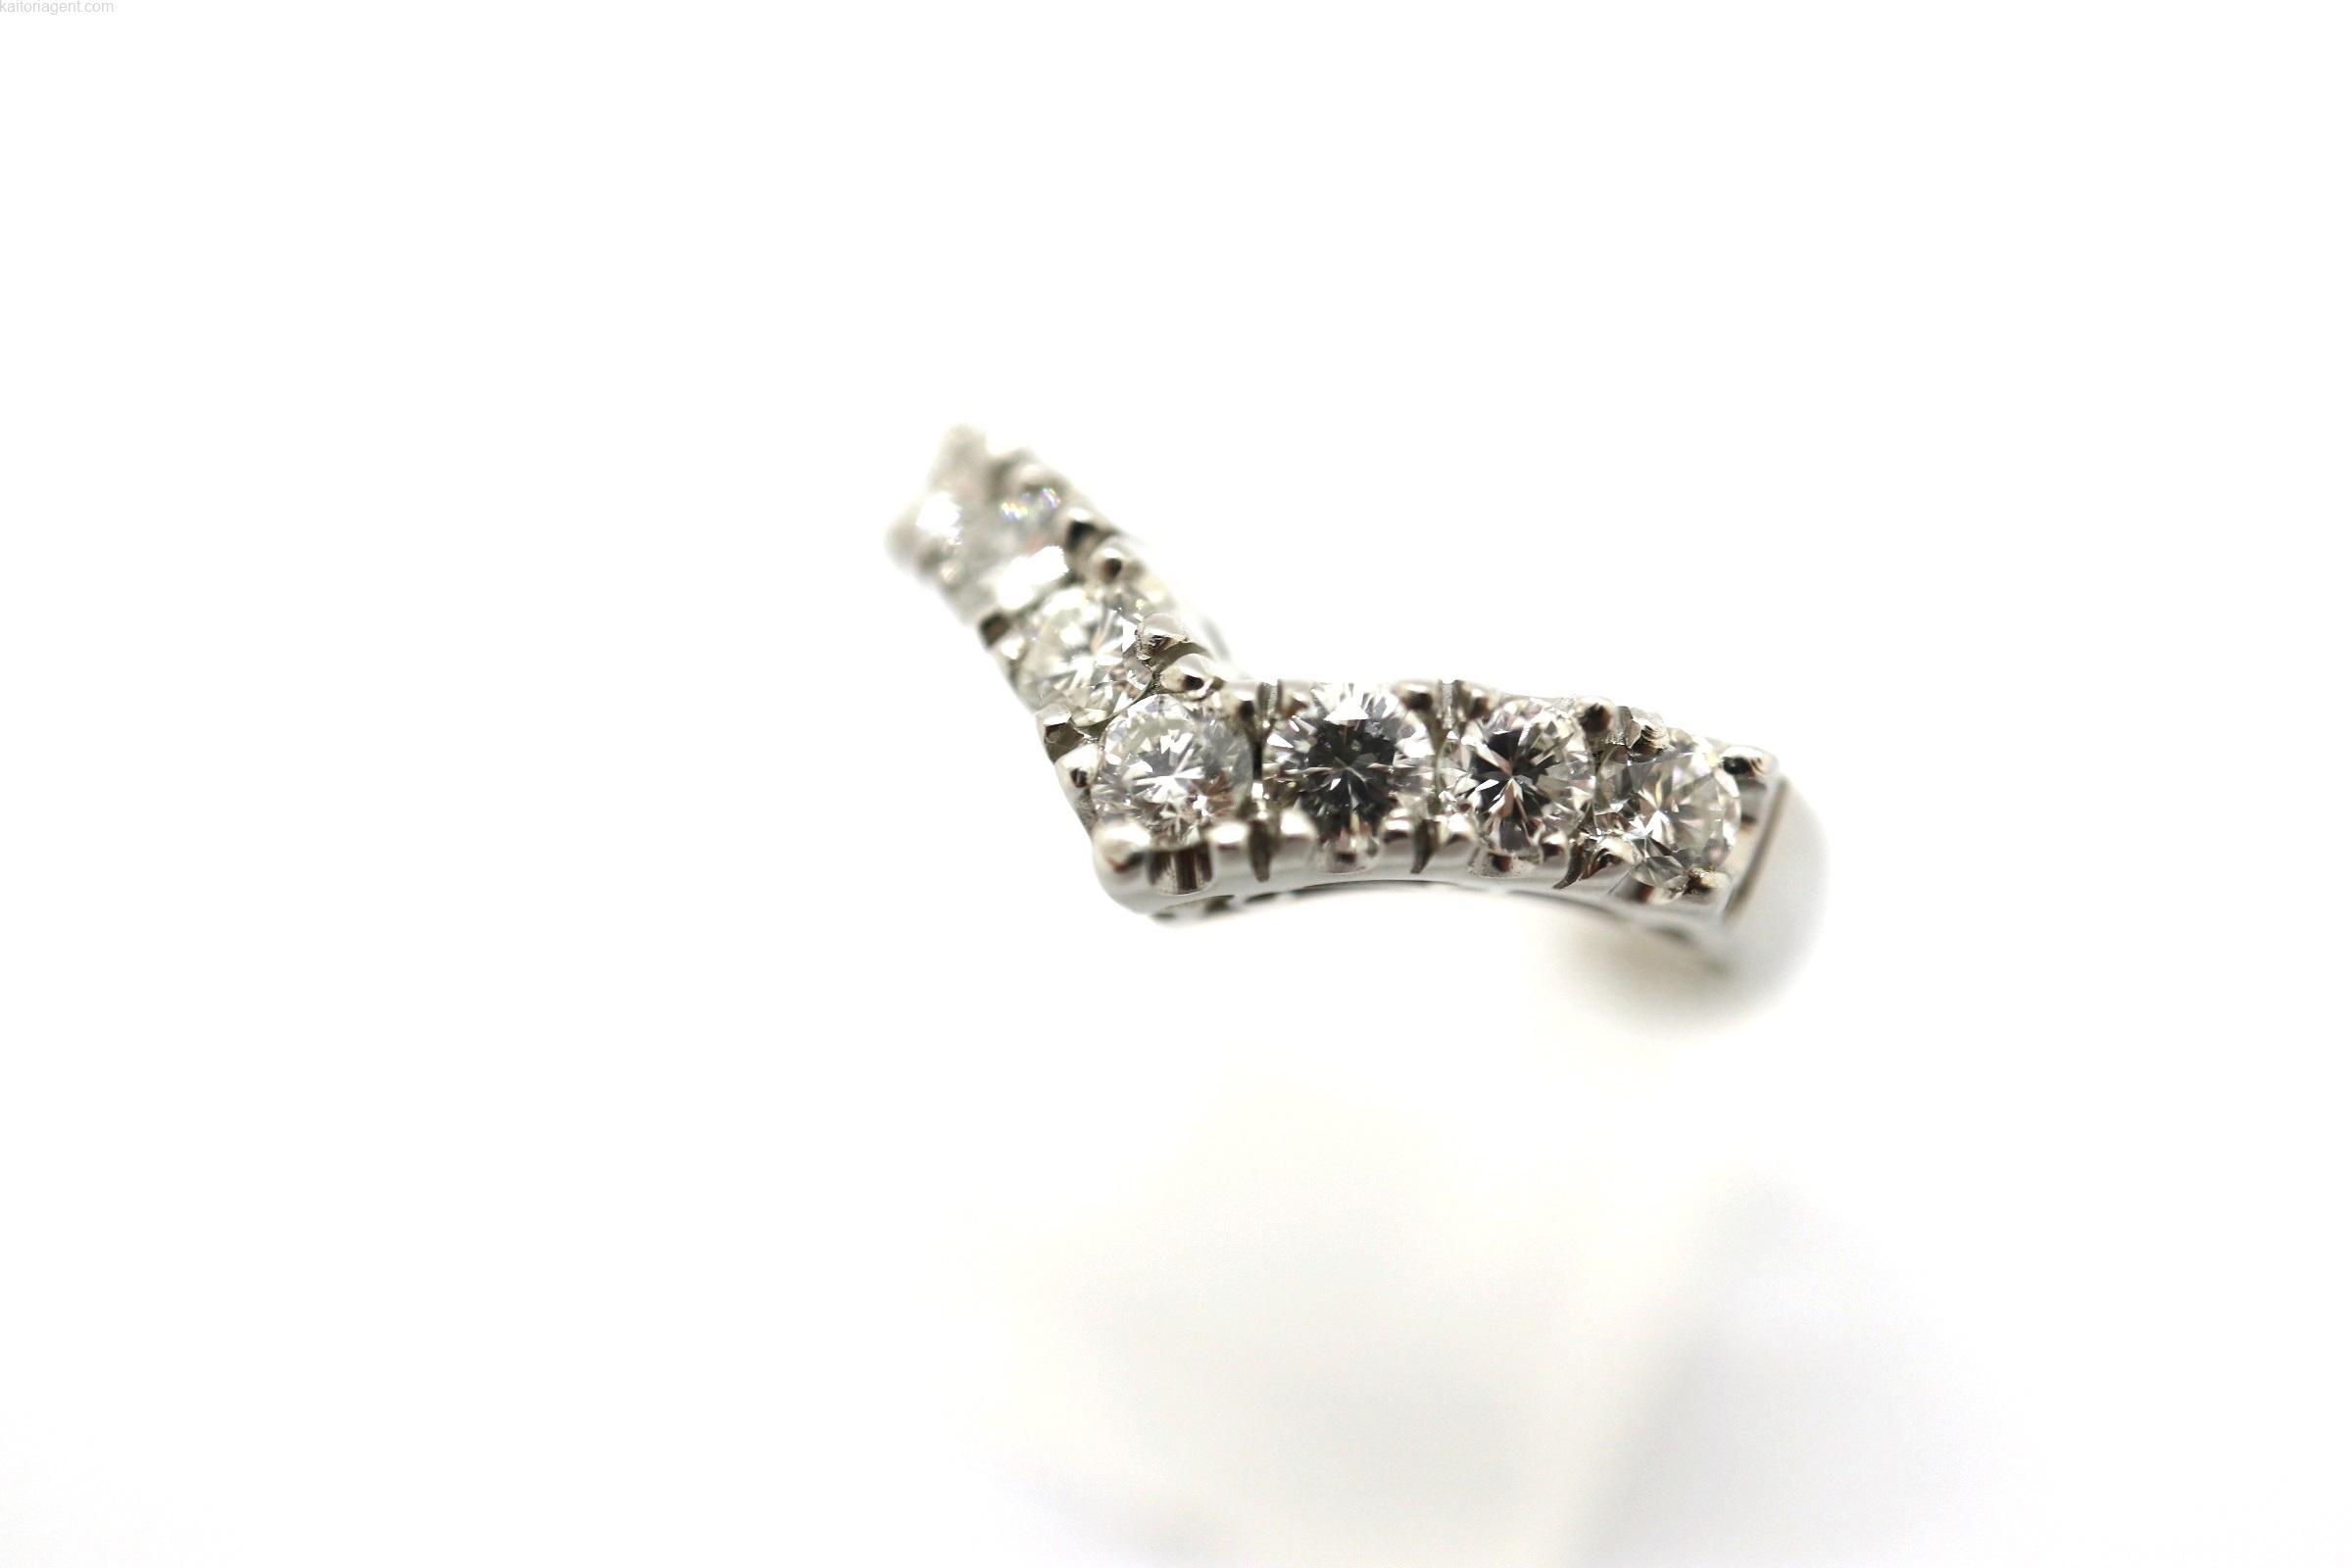 【素材】プラチナ 【主石】ダイヤモンド 【形状】リングの画像